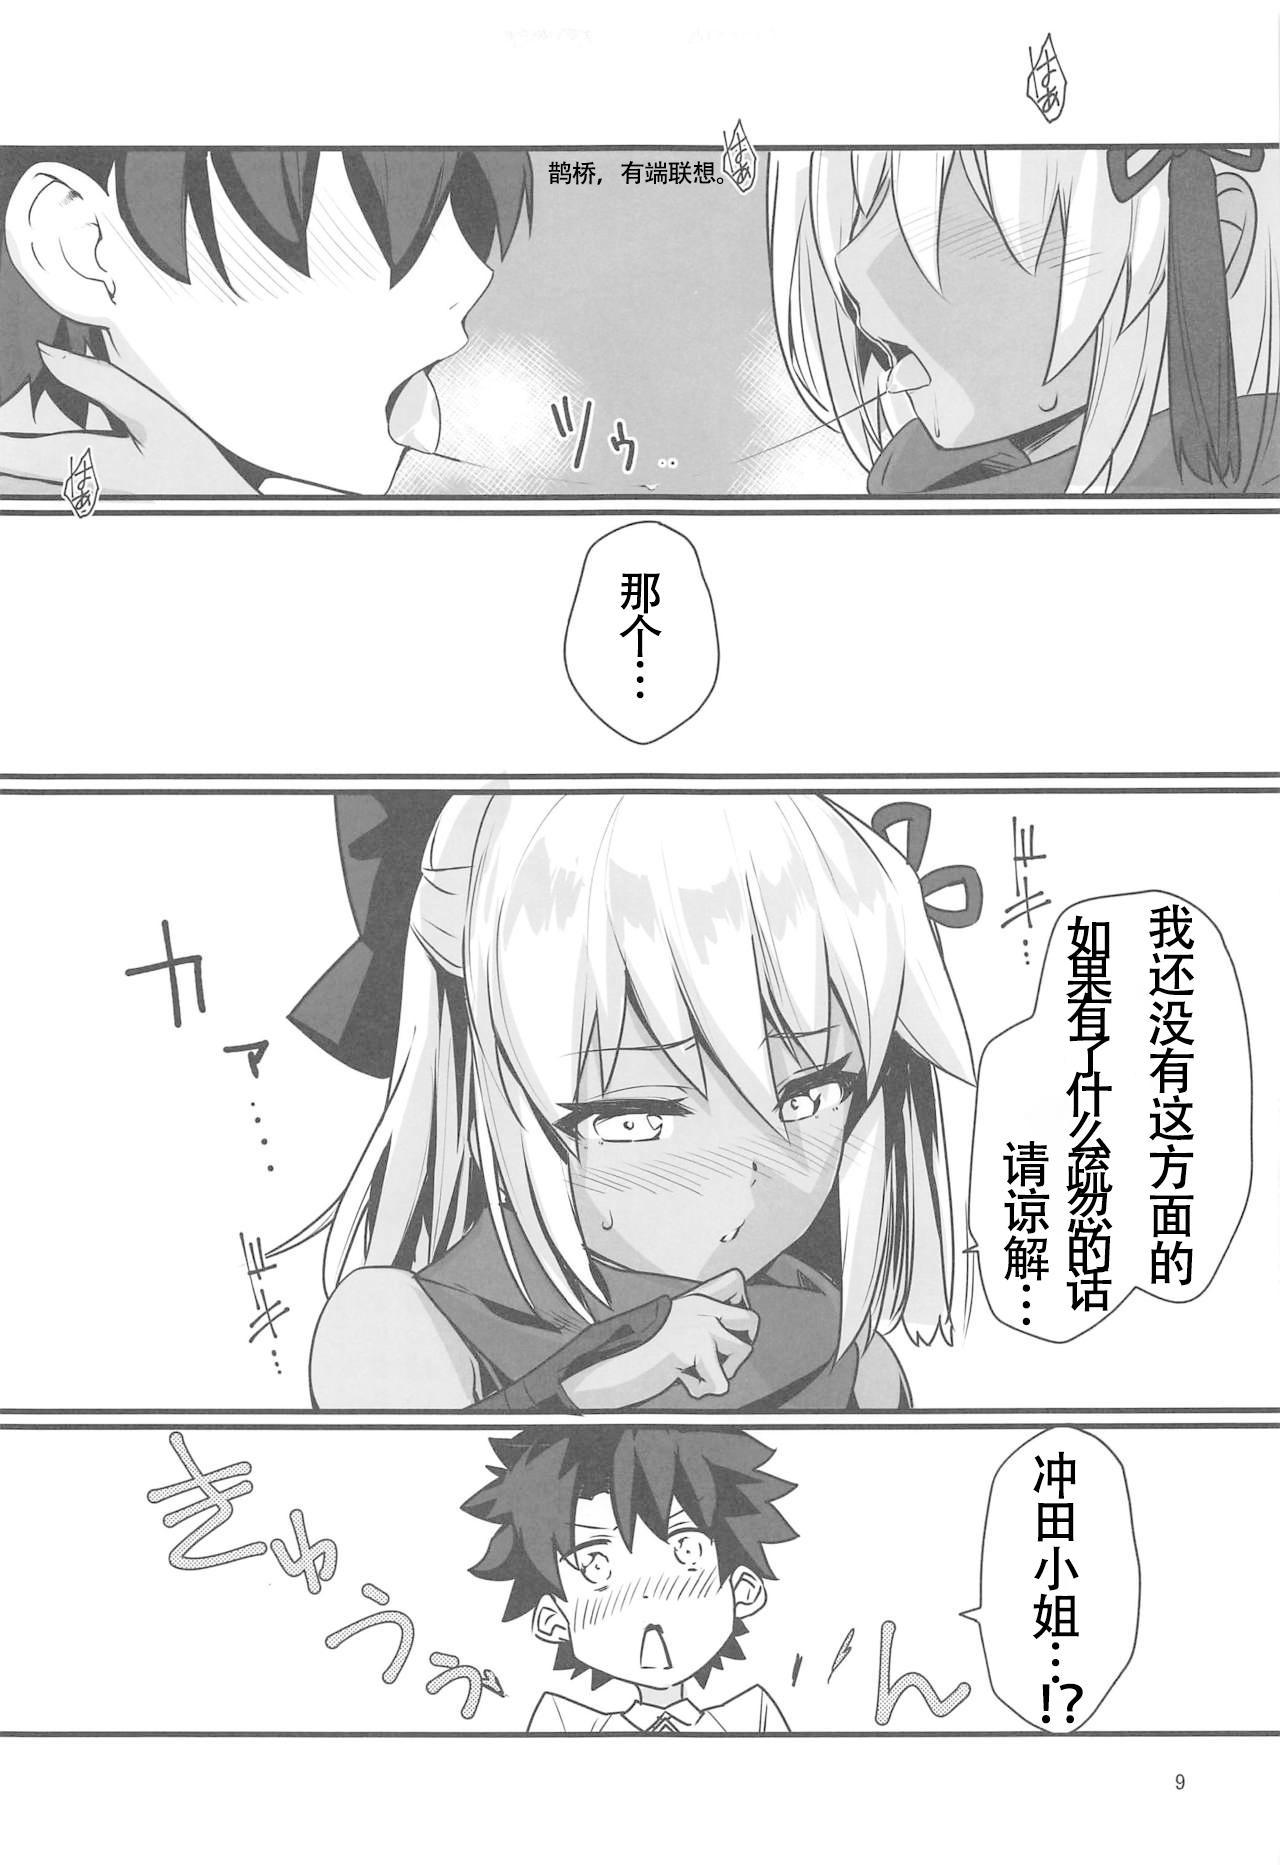 Okita Alter-chan to Nyan Nyan shitai dake no Hanashi. 8